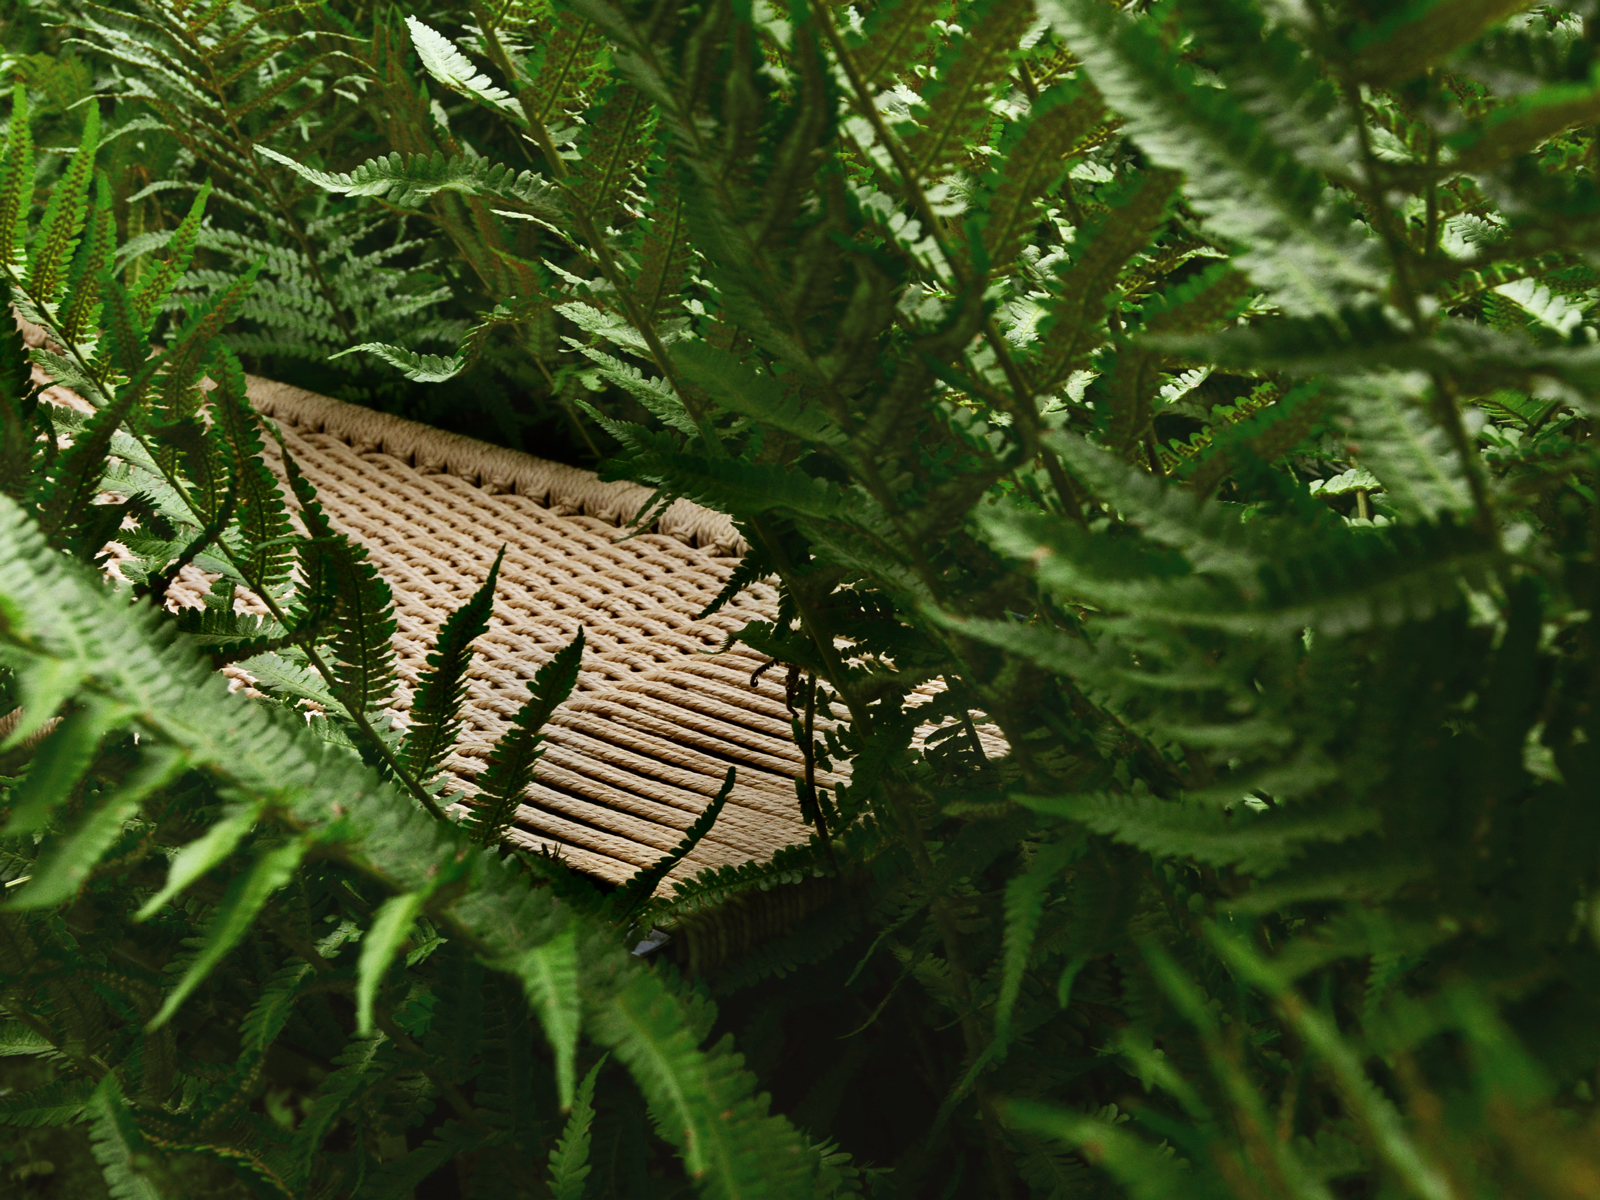 Das natürliche Material Danish Cord der Sitzfläche umgeben von Farn